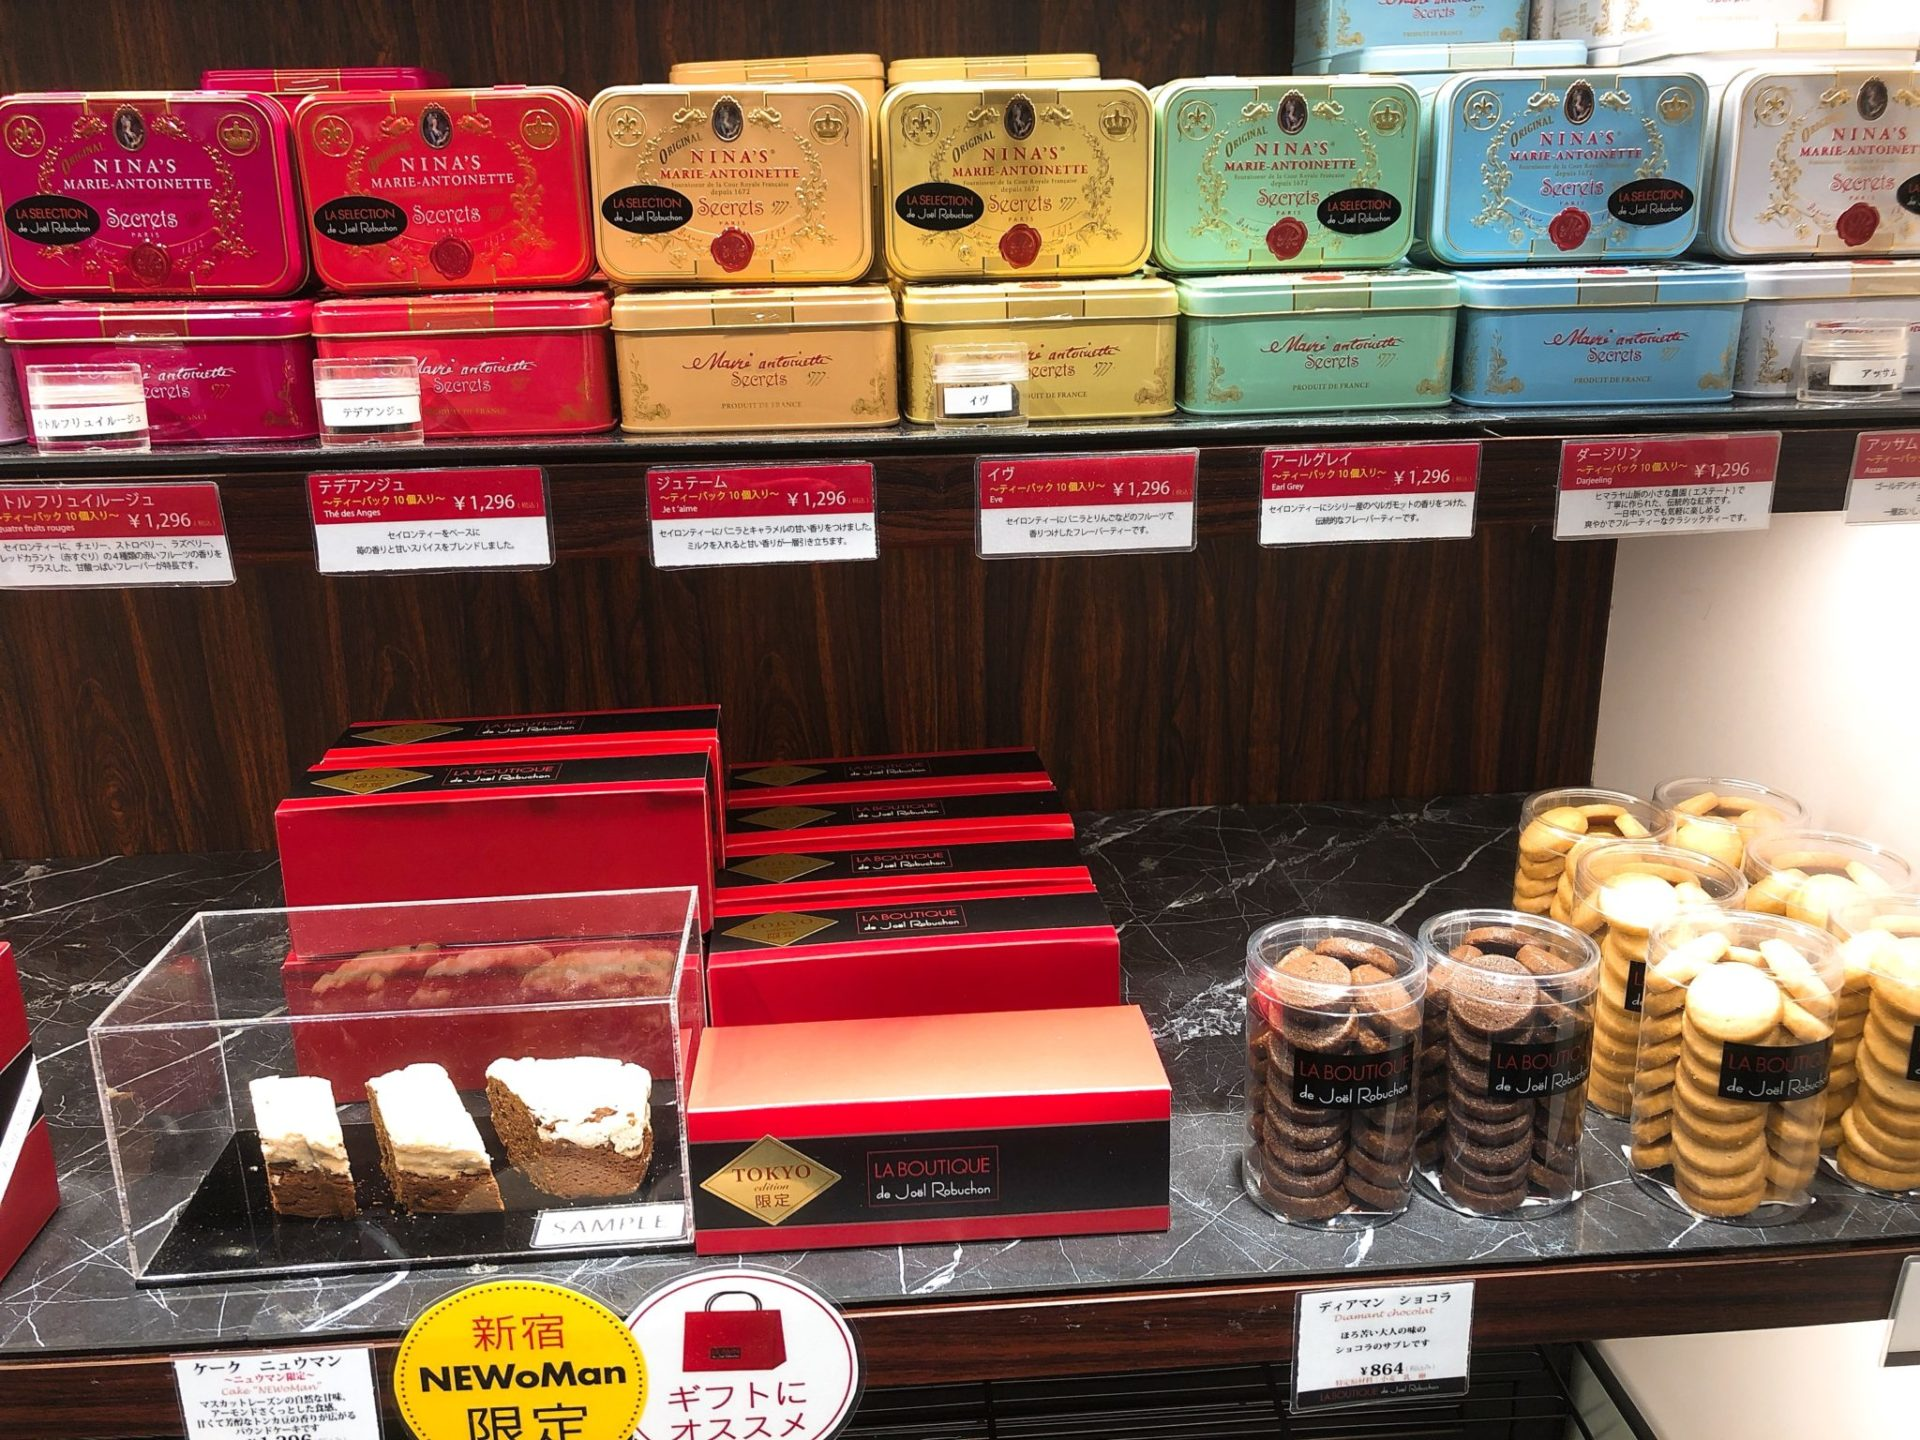 ル パン ドゥ ジョエル・ロブション ニュウマン新宿店の焼き菓子・紅茶